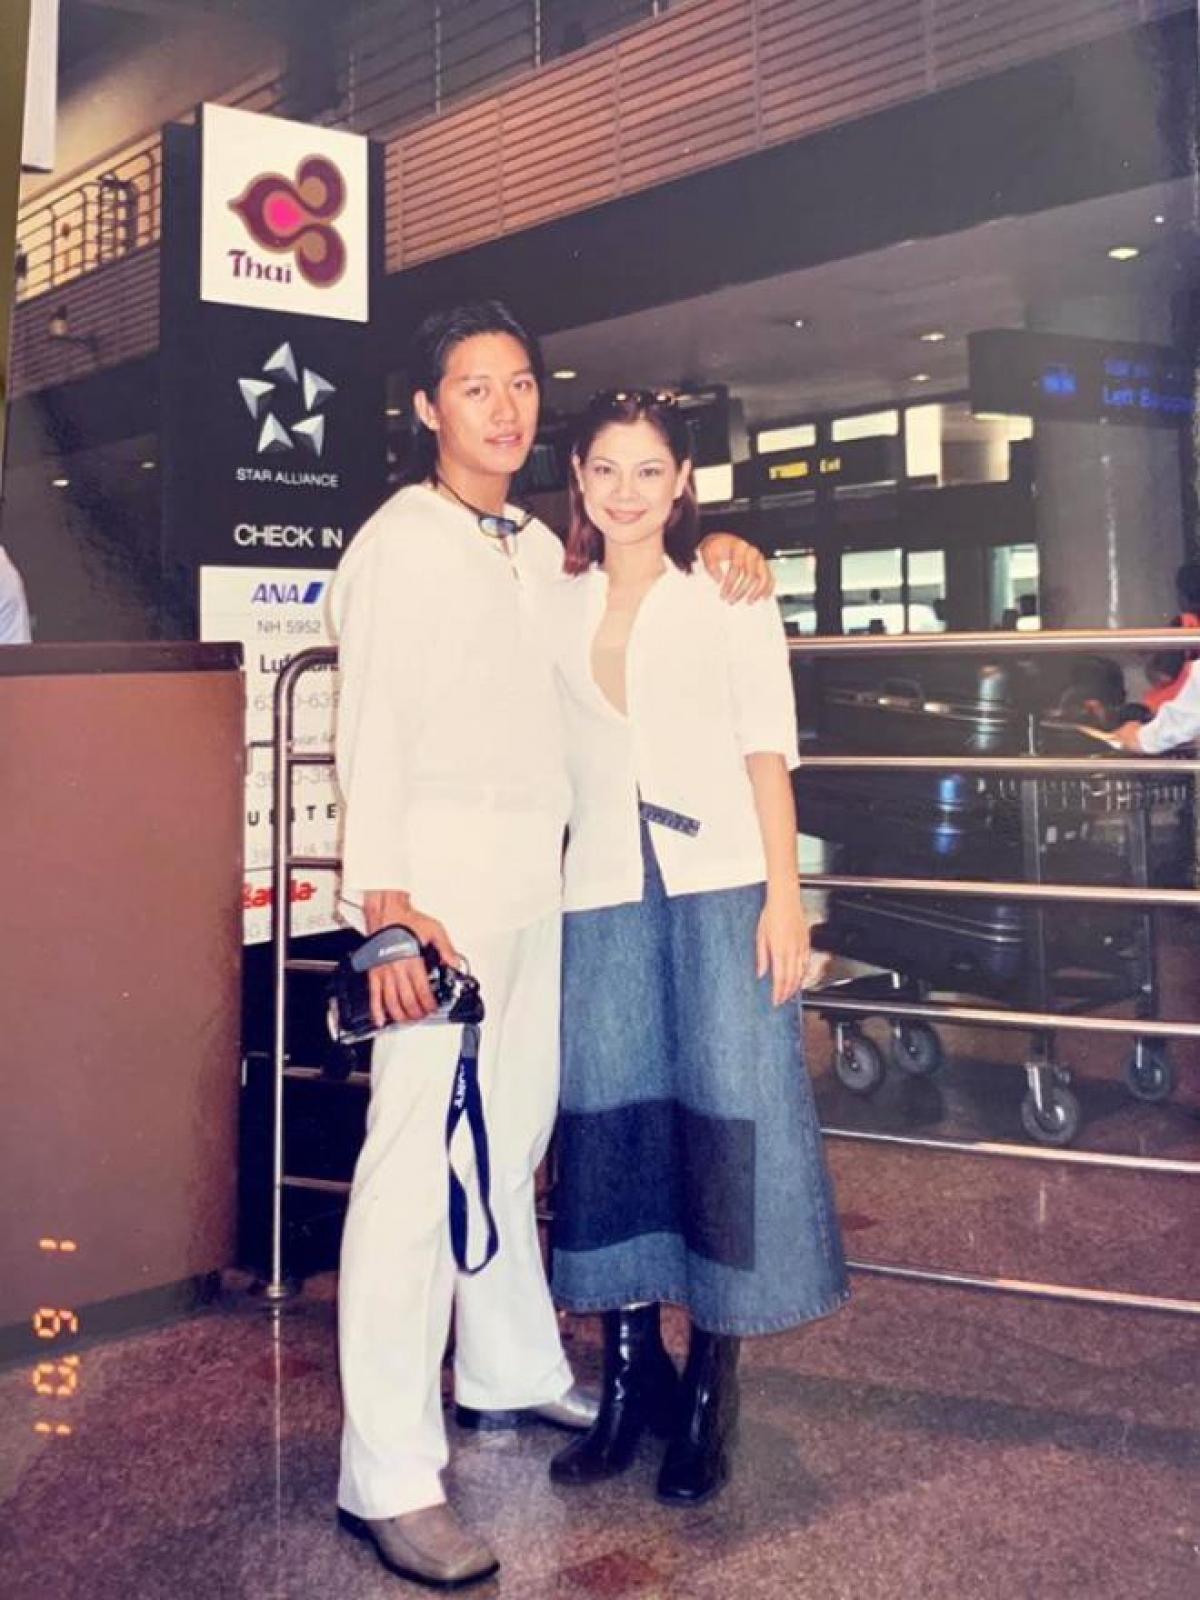 Thời điểm đó, Thanh Thảo đã đi quay MV tận Thái Lan và tạo ra những sản phẩm rất hot trên thị trường.